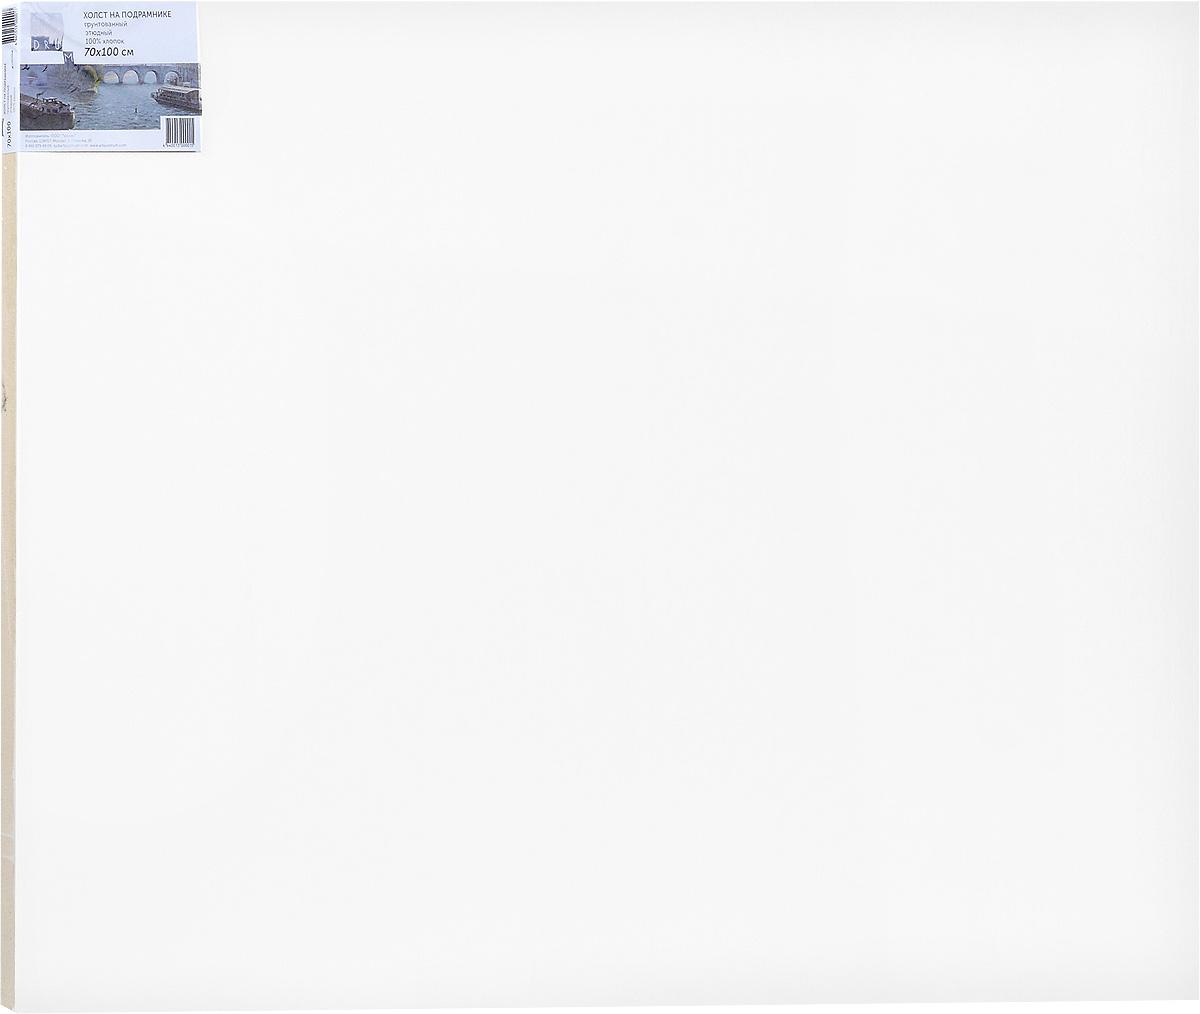 Холст ArtQuaDram Этюдный на подрамнике, грунтованный, 70 х 100 смТ0015360Холст на деревянном подрамнике ArtQuaDram Этюдный изготовлен из 100% натурального хлопка. Подходит для профессионалов и художников. Холст не трескается, не впитывает слишком много краски, цвет краски и качество не изменяются. Холст идеально подходит для масляной и акриловой живописи.